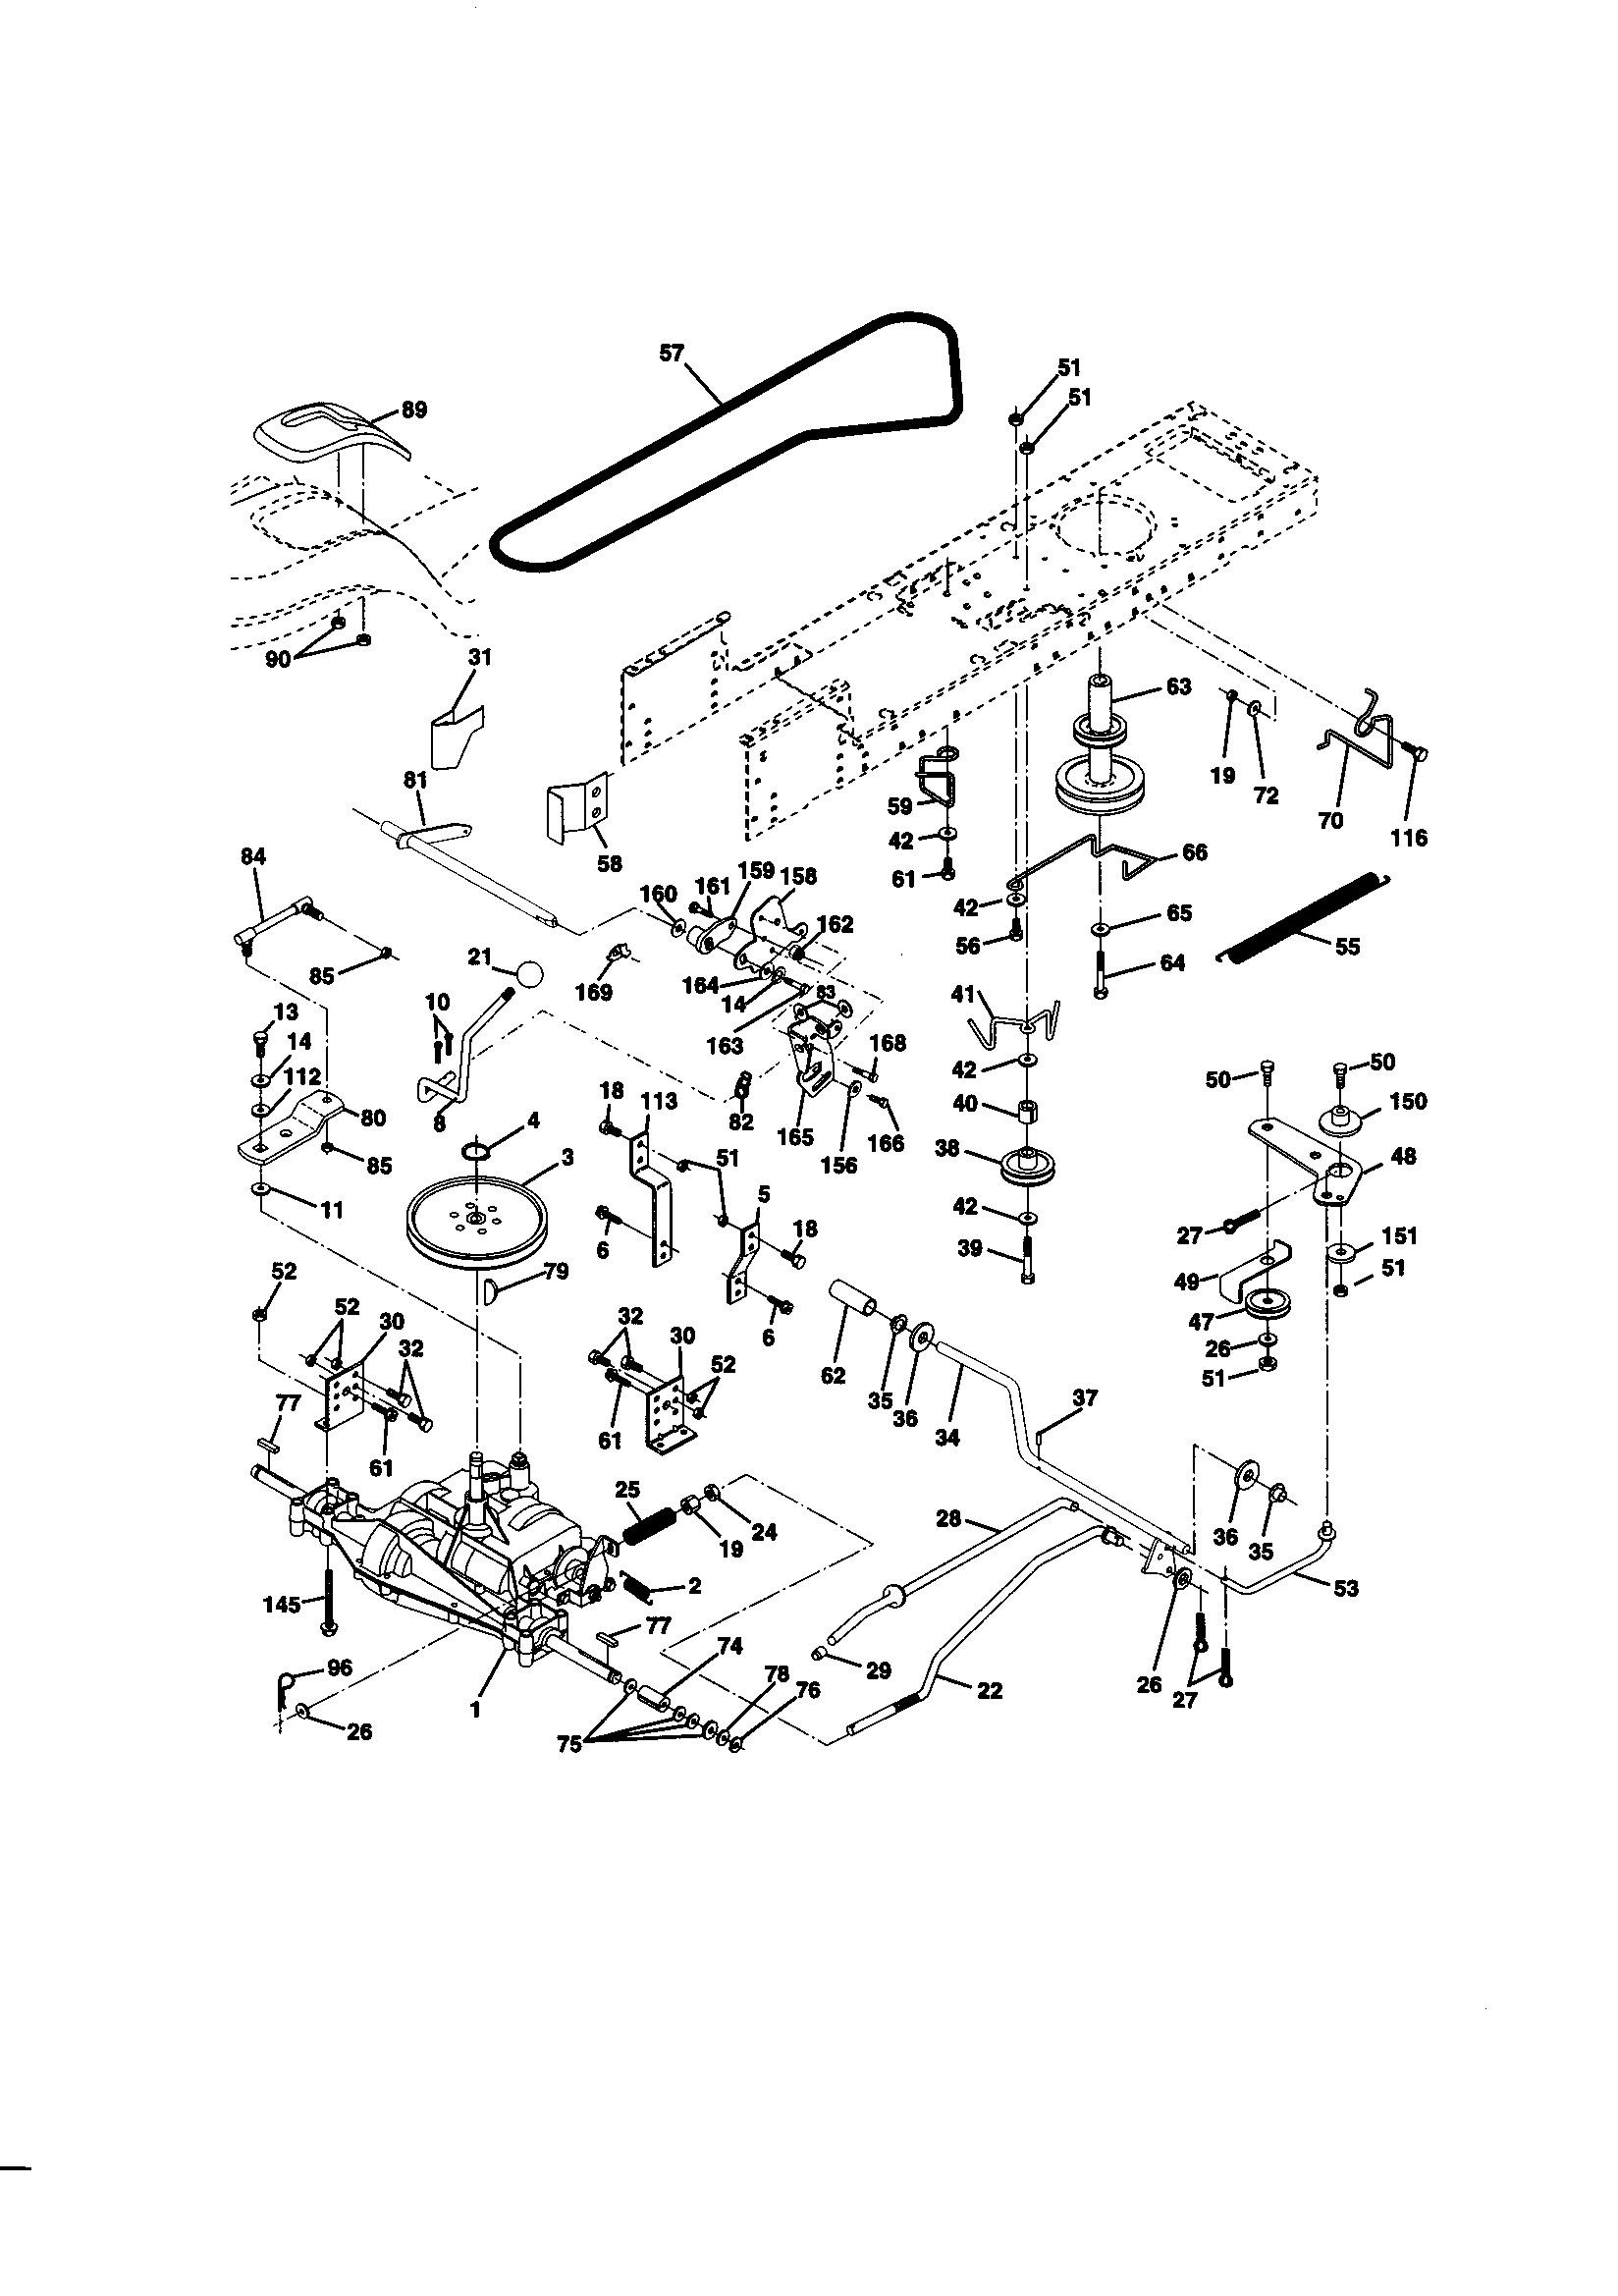 Craftsman Lawn Tractor Parts Diagram Craftsman 19 5 Hp Electric Start 42 Lawn Tractor Parts Of Craftsman Lawn Tractor Parts Diagram